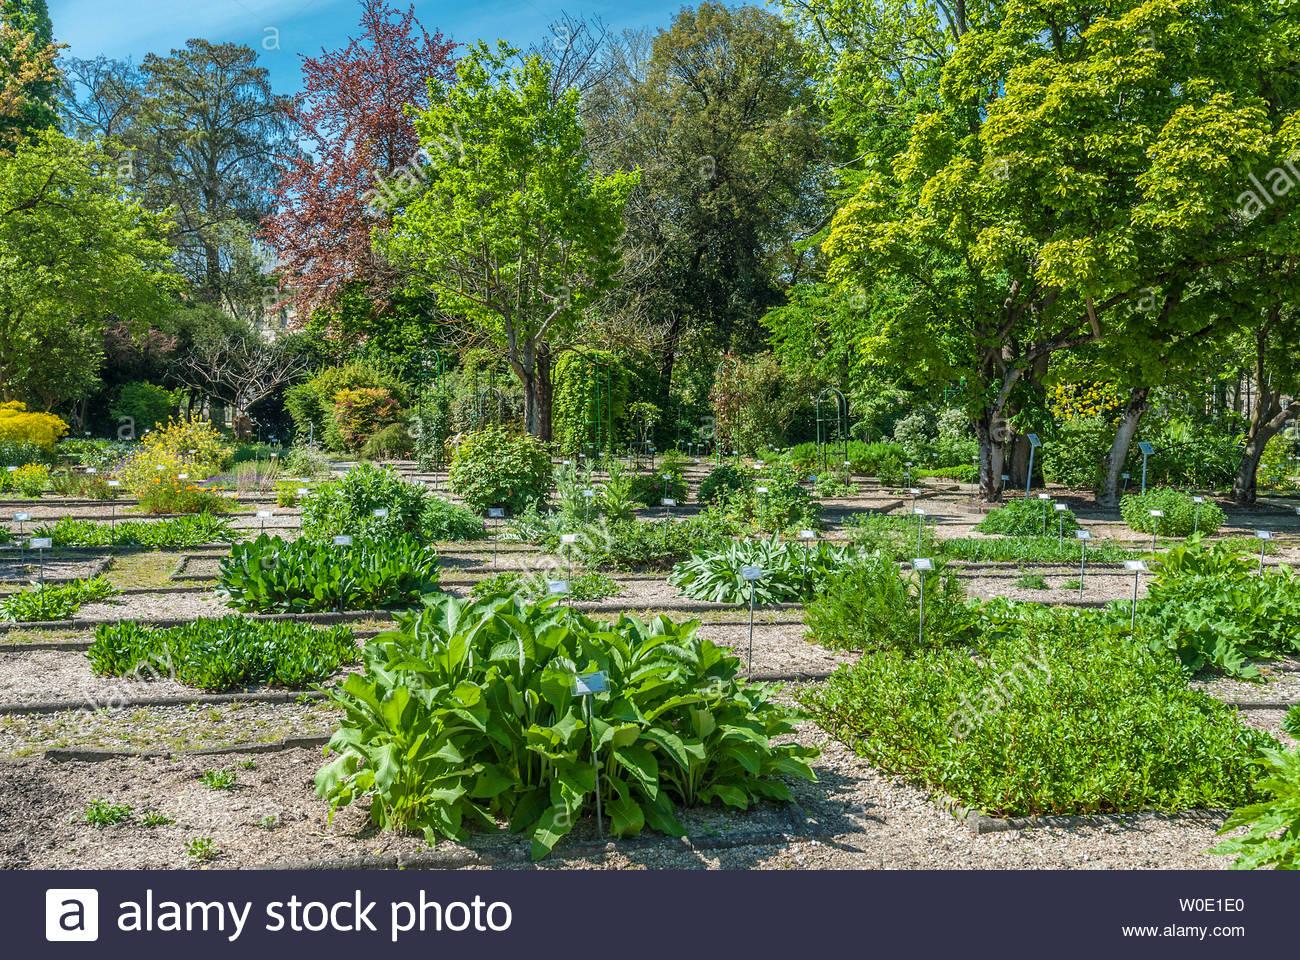 france gironde bordeaux botanical garden of the jardin public W0E1E0